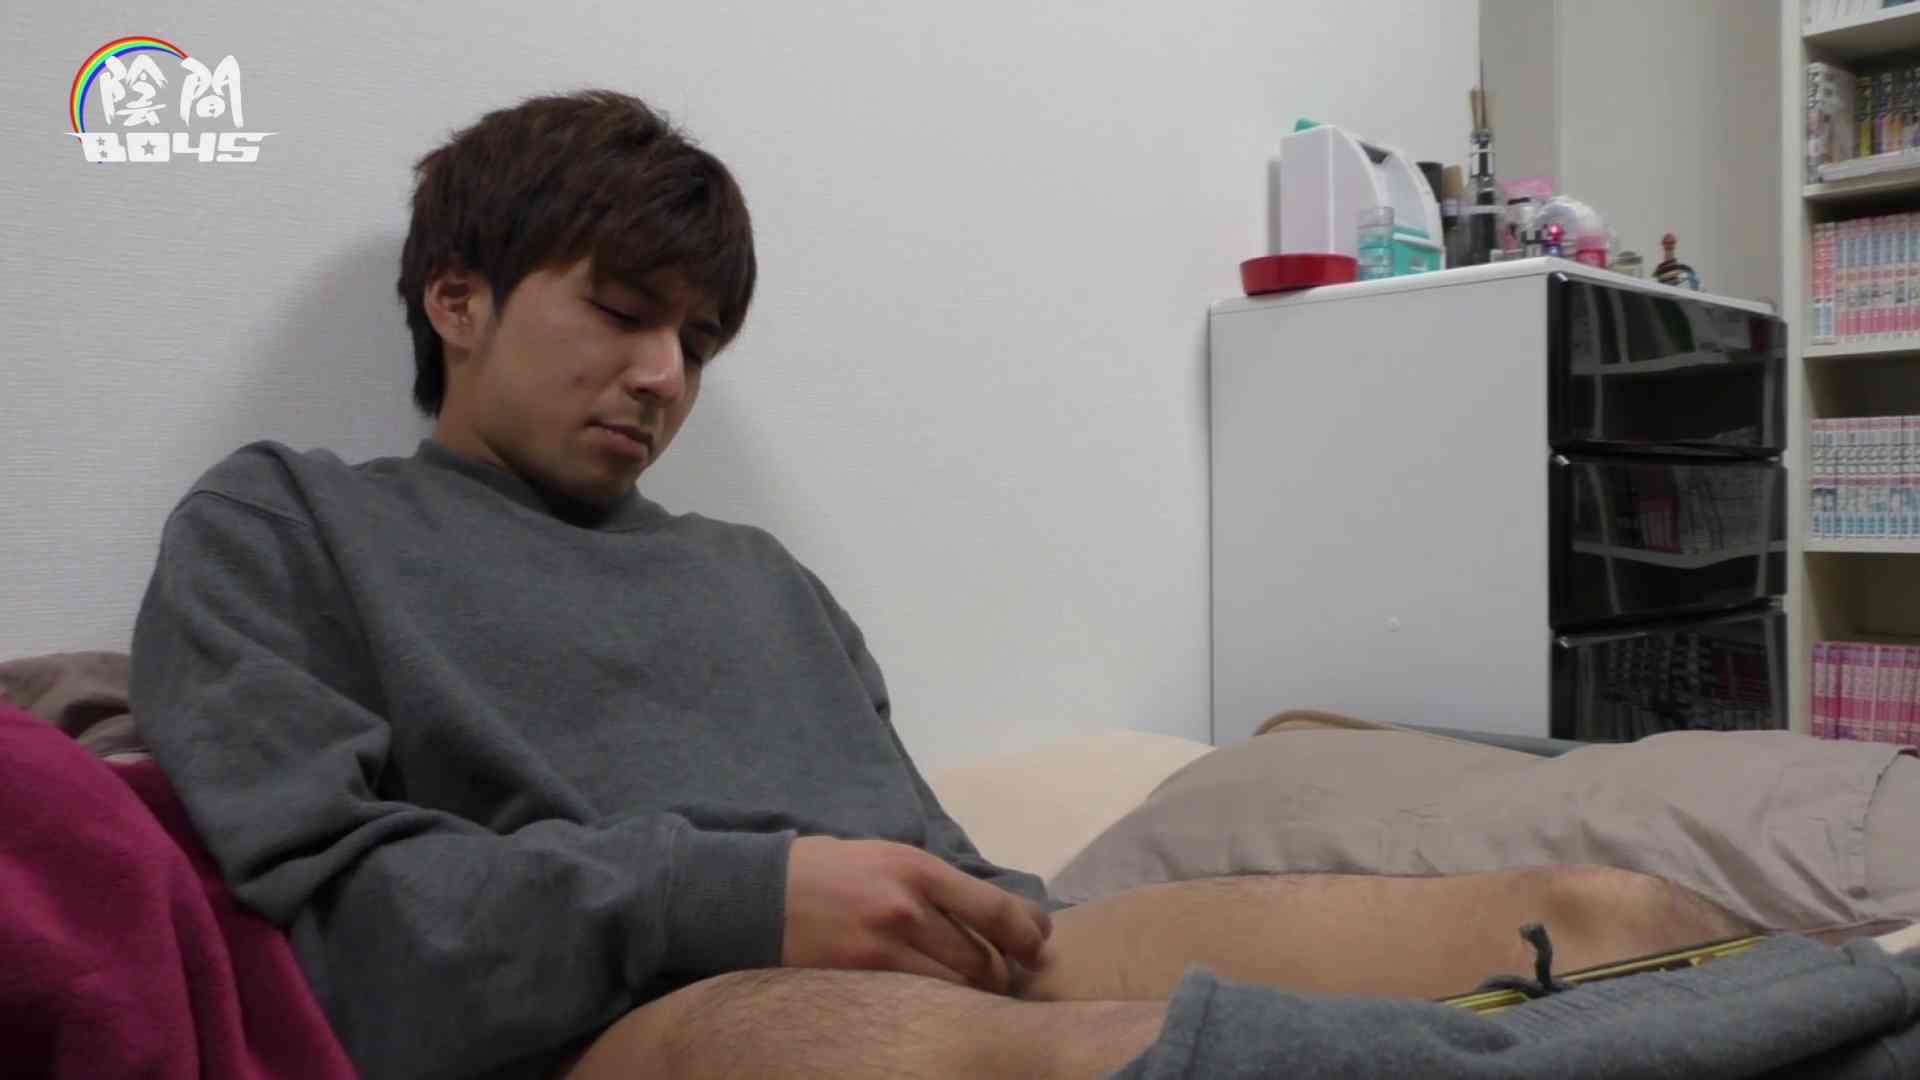 アナルは決して眠らない No.01 フェラ天国 ゲイセックス画像 110pic 5